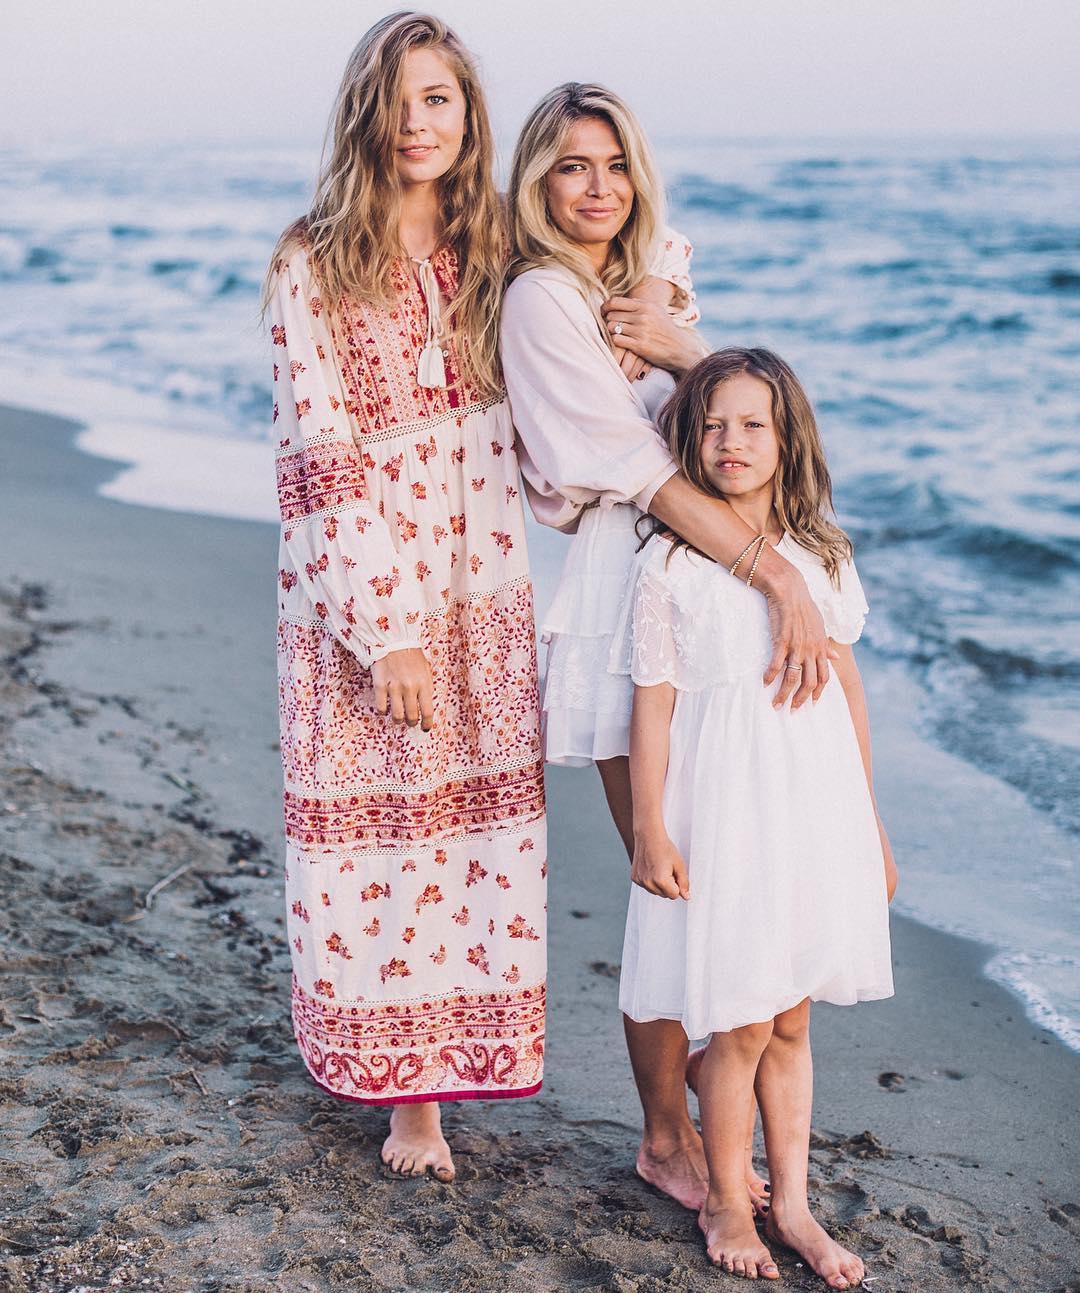 Вера Брежнева с дочерями 17-летней Соней и 8-летней Сарой